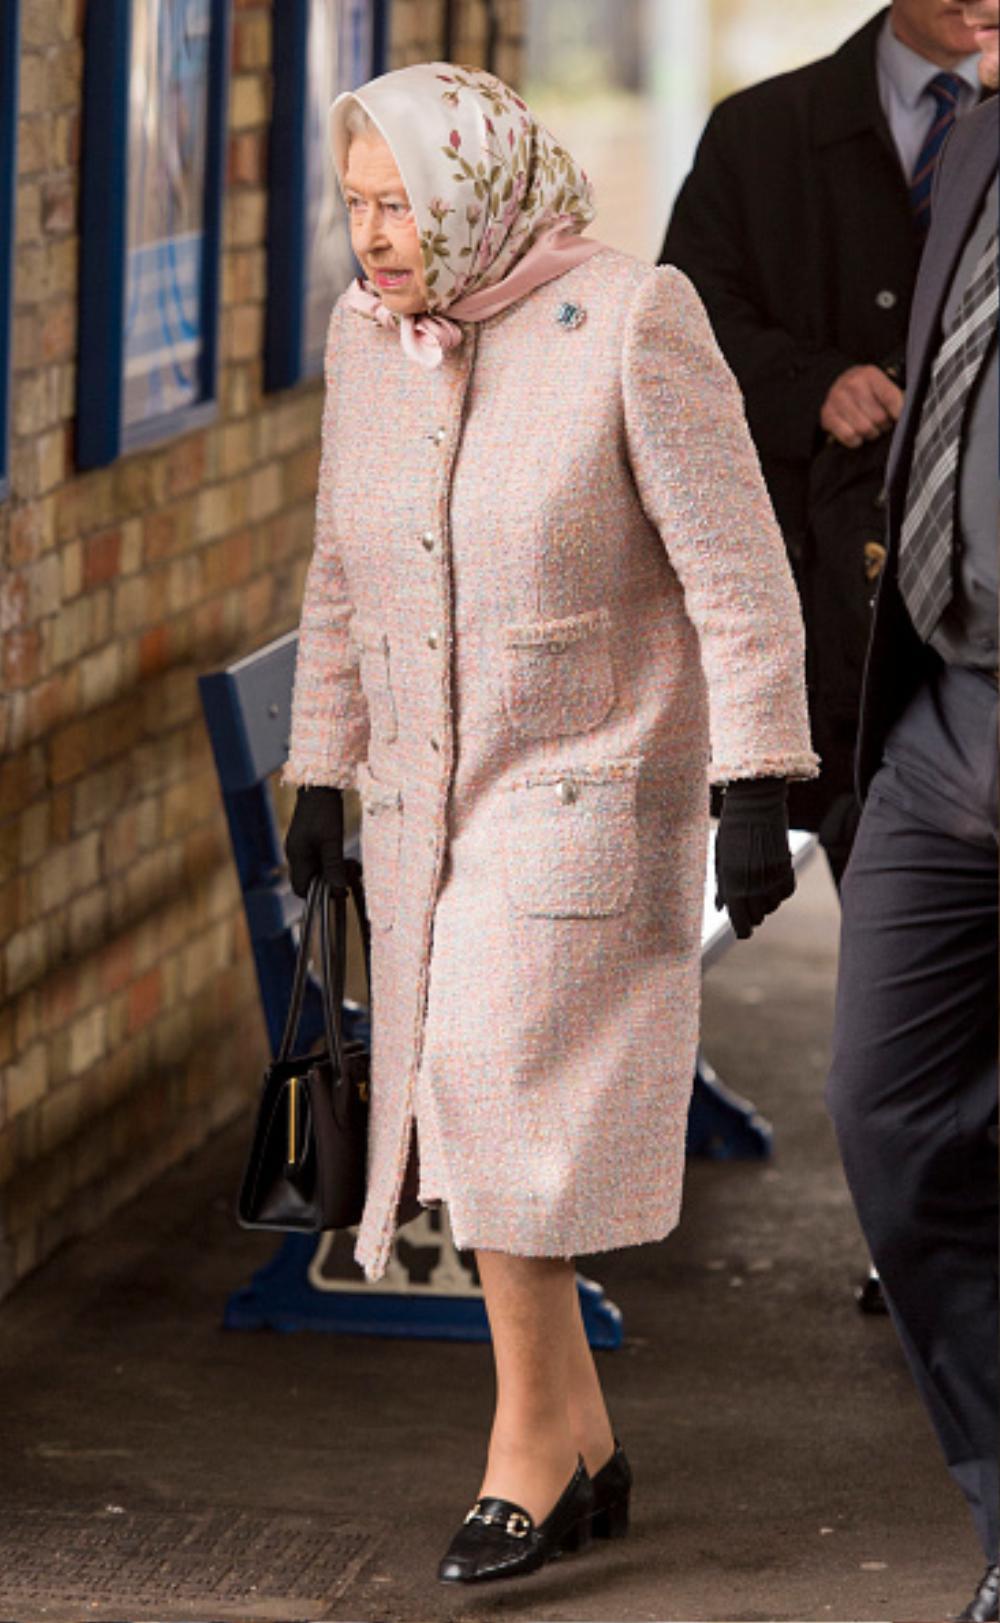 Bí ẩn tủ đồ Hoàng gia: 15 lần phụ nữ Hoàng gia khéo léo sửa lại quần áo cũ để tái sử dụng Ảnh 18